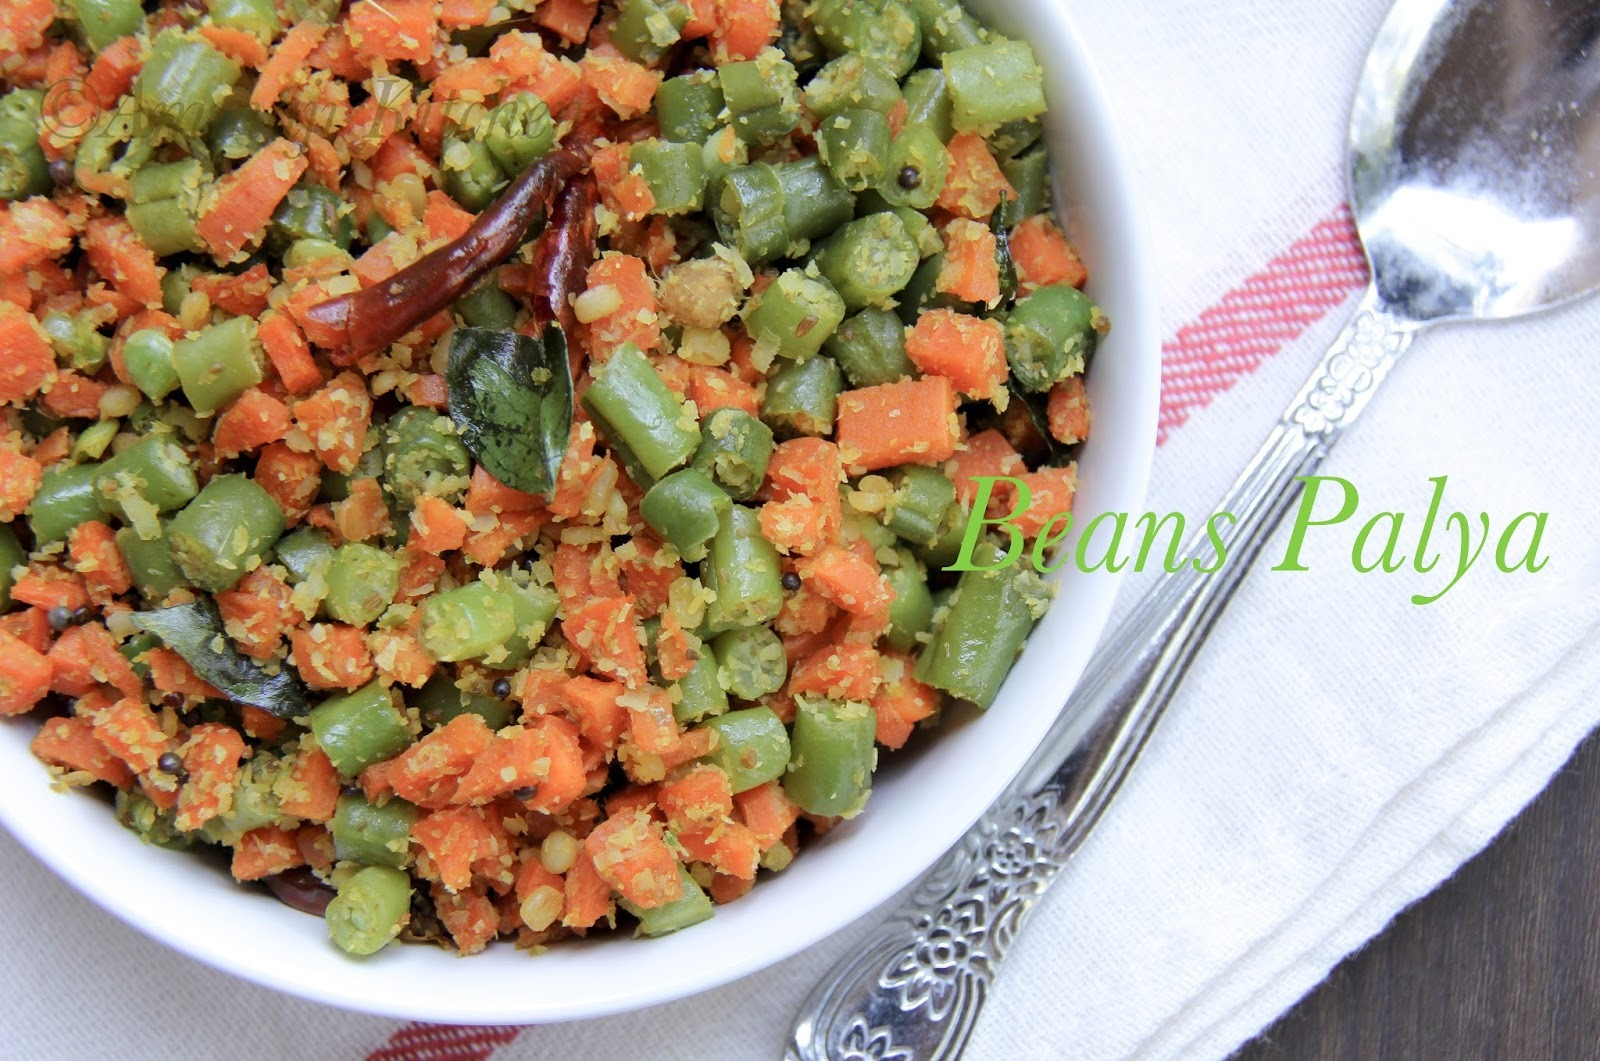 Bean Carrot Palya &Hurli Chutney